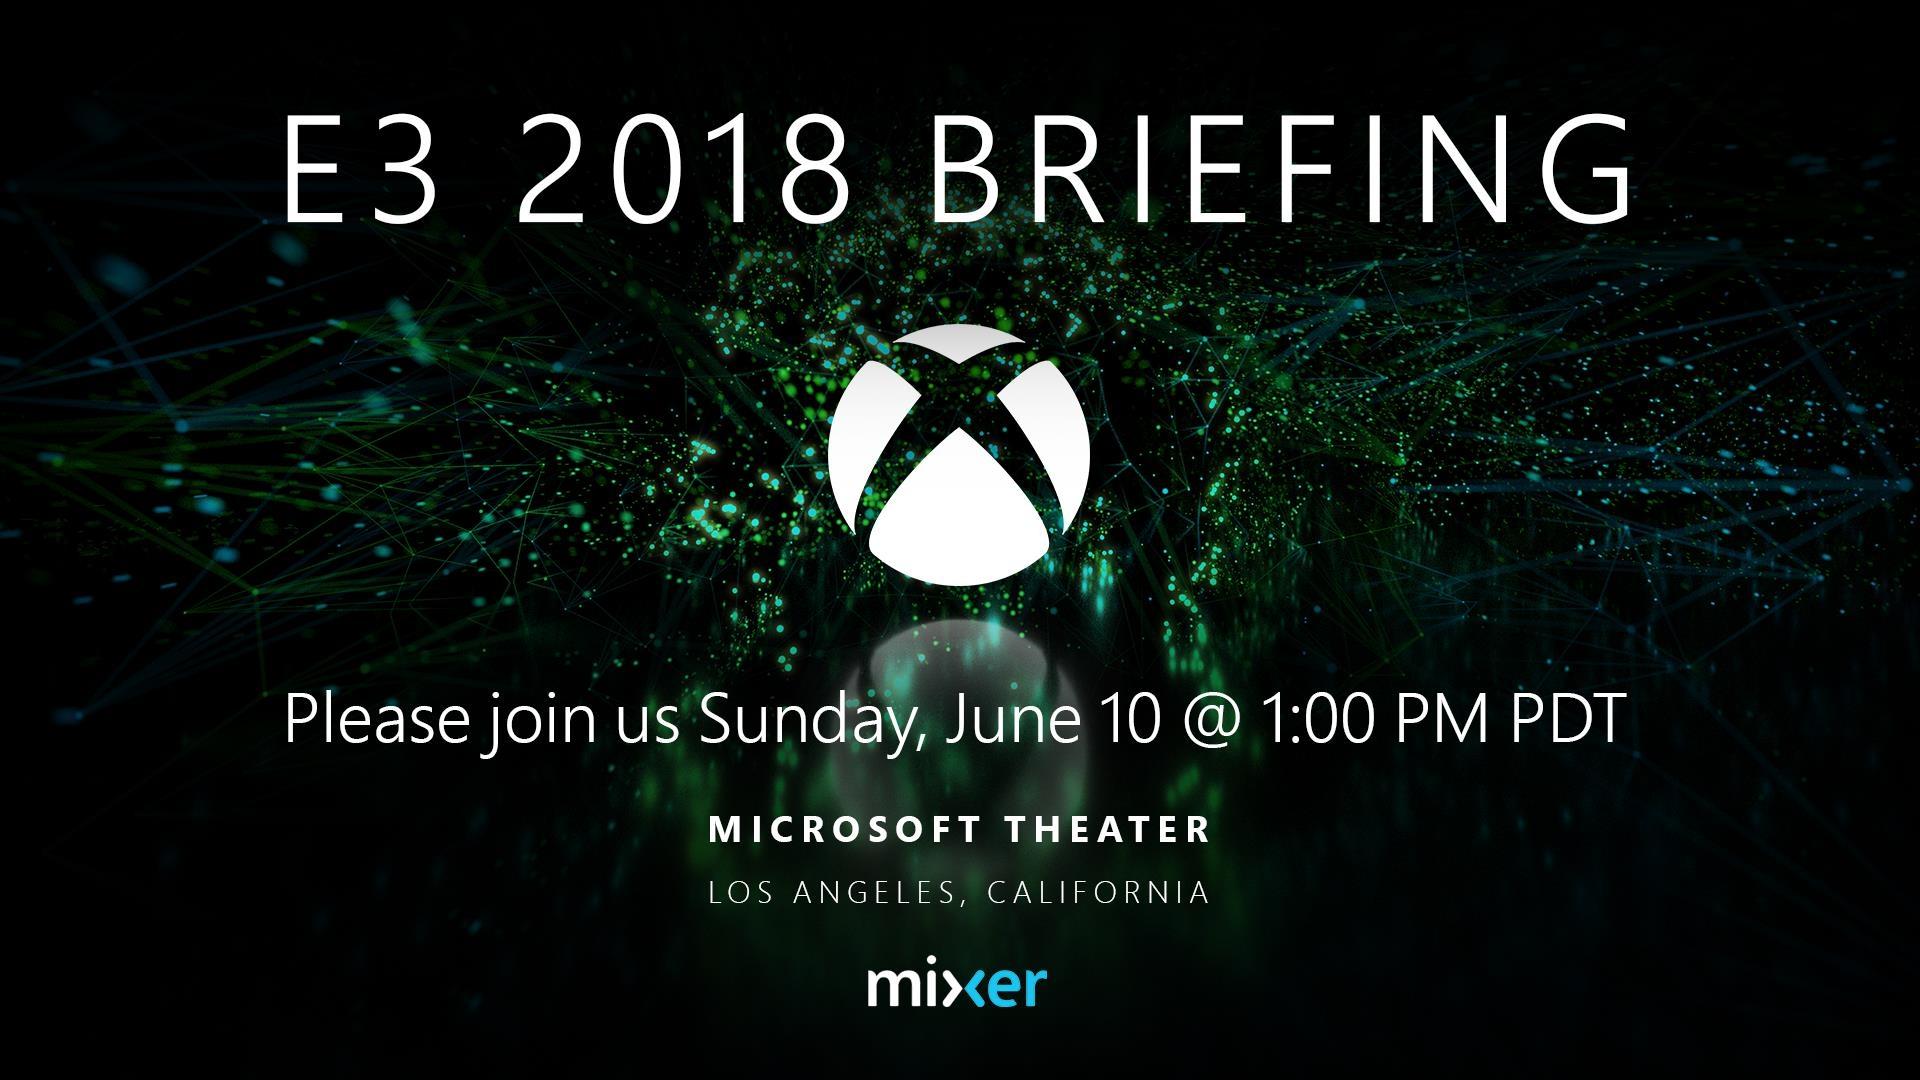 Xbox E3 2018 invite